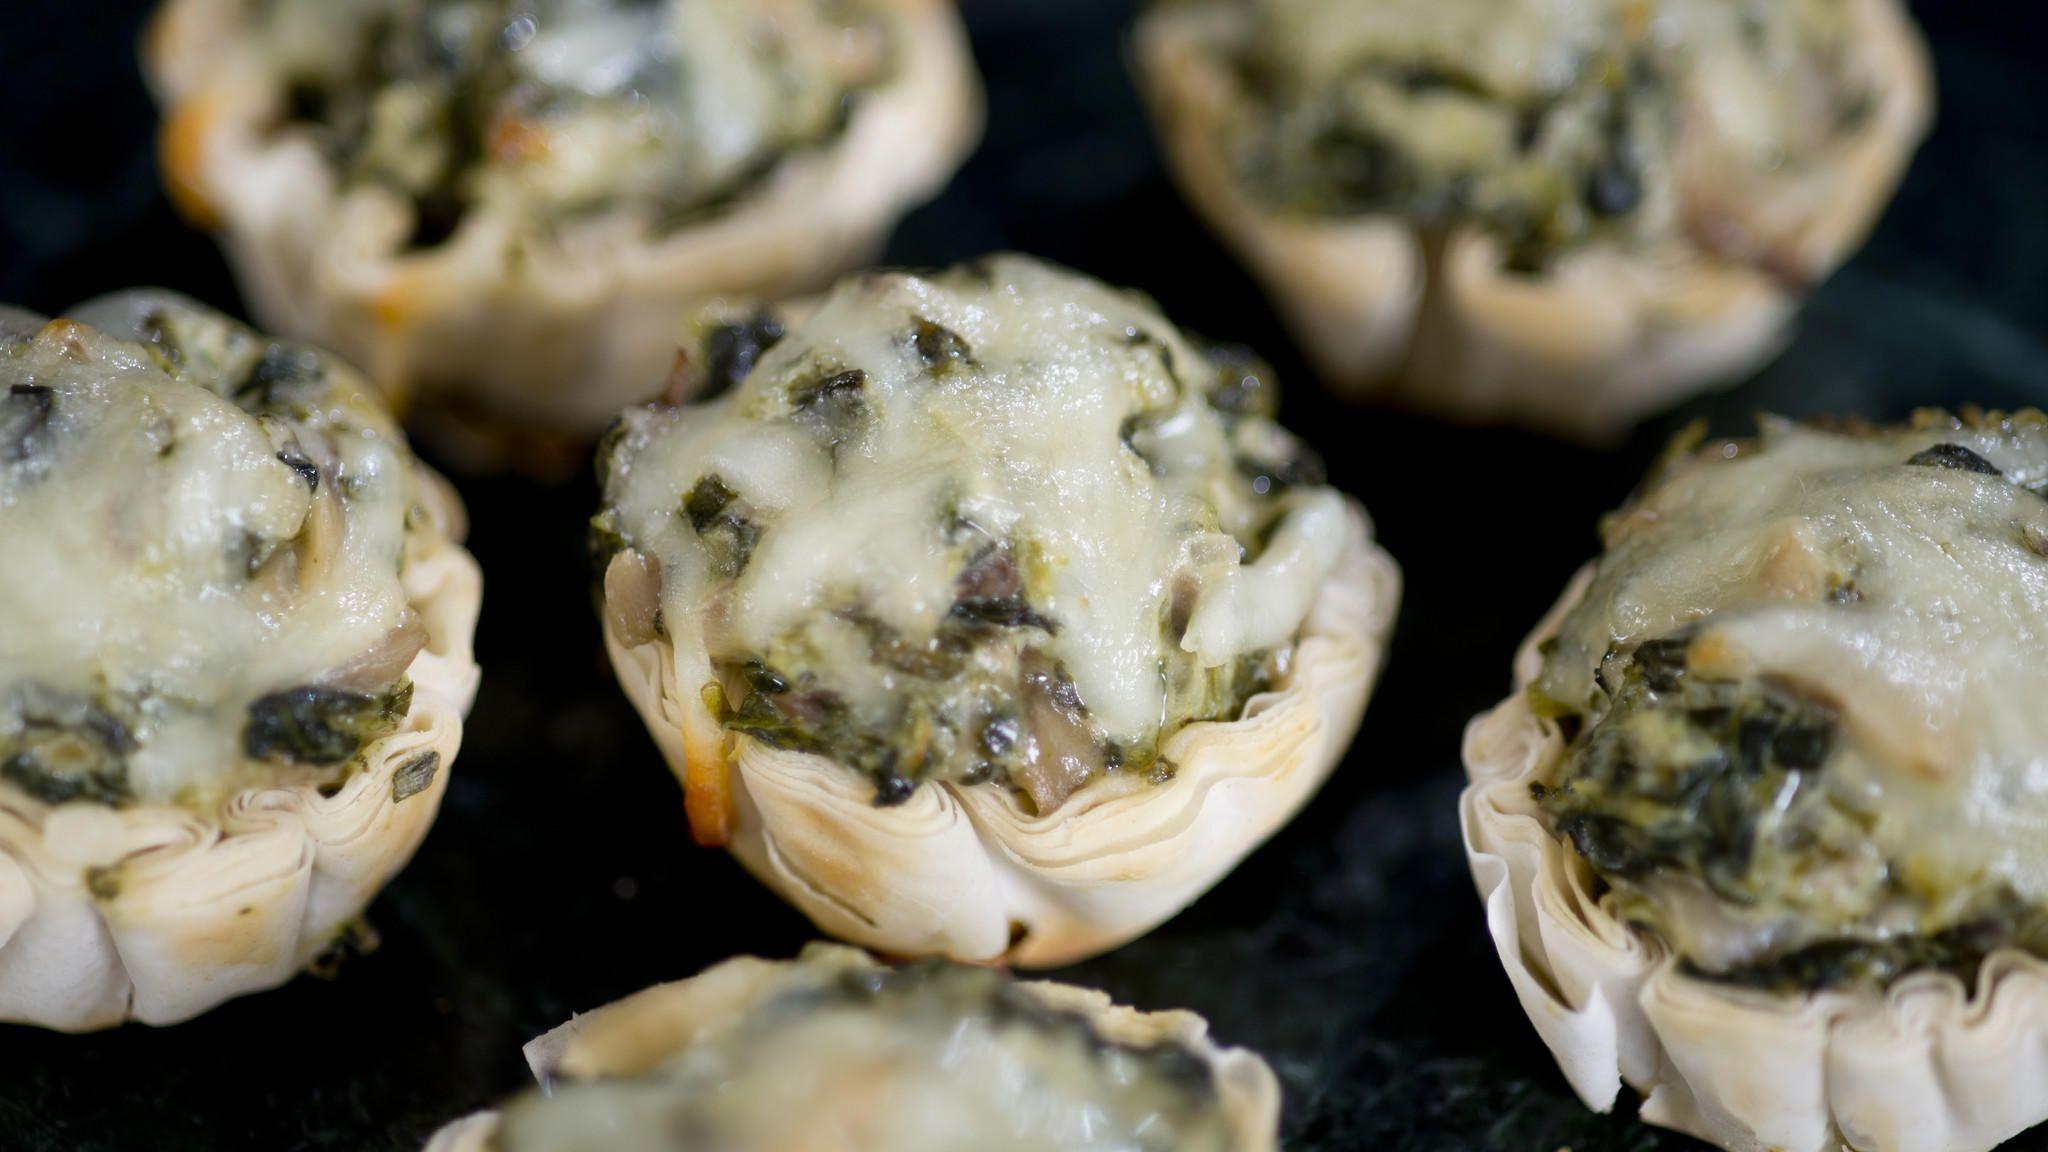 Pin on Mushspiration = Tasty Mushroom Ideas